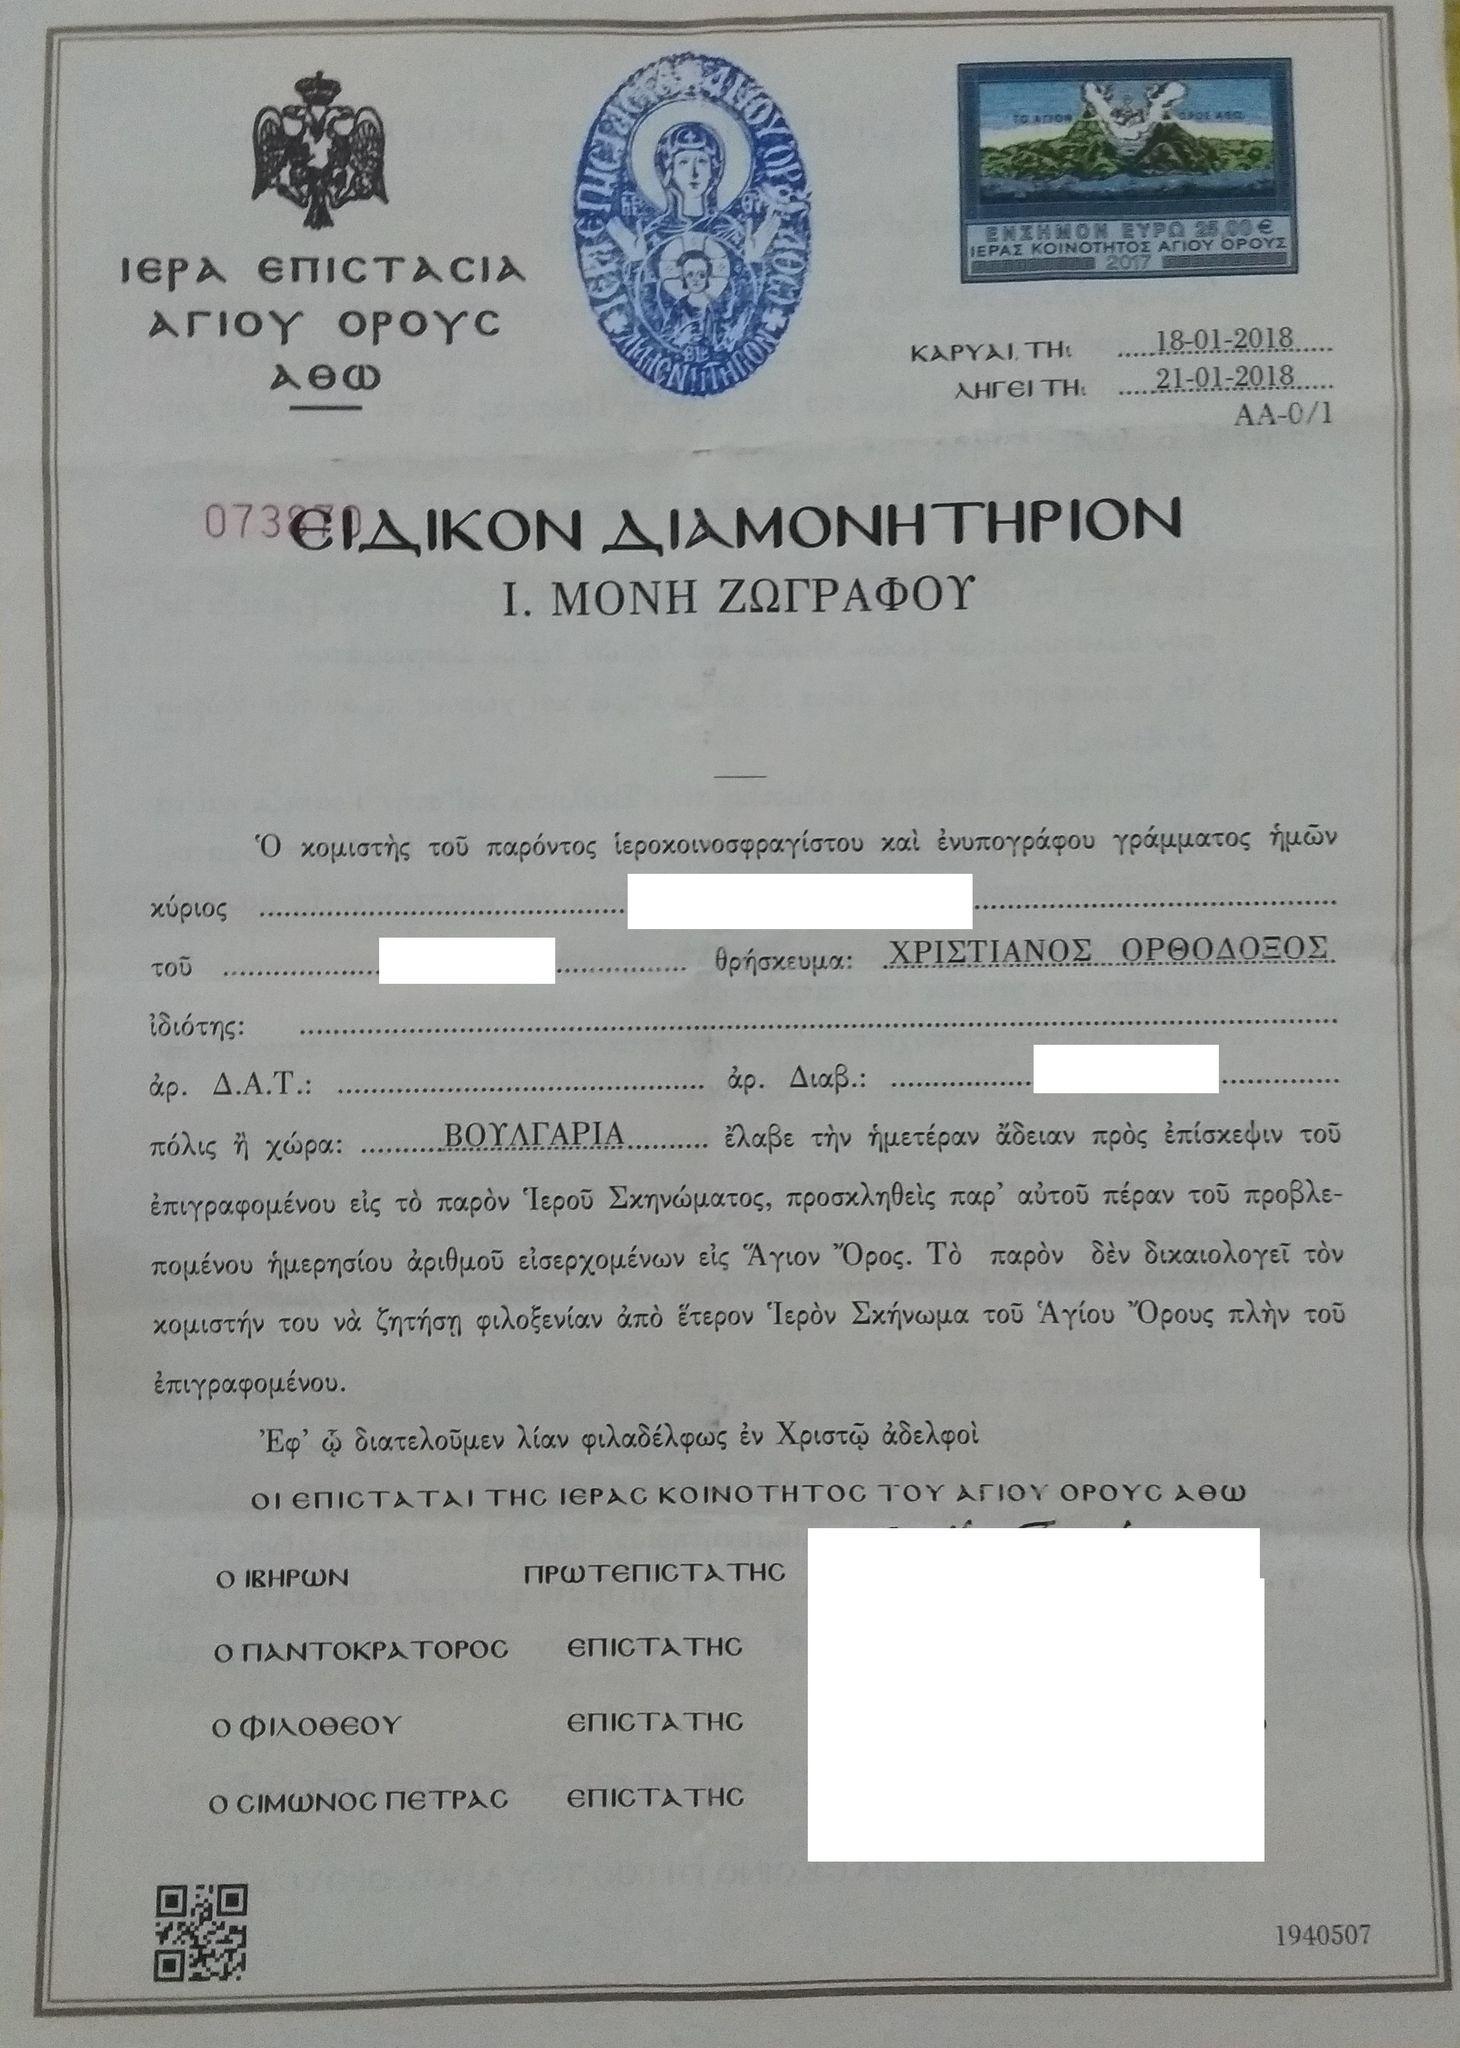 виза за Атон